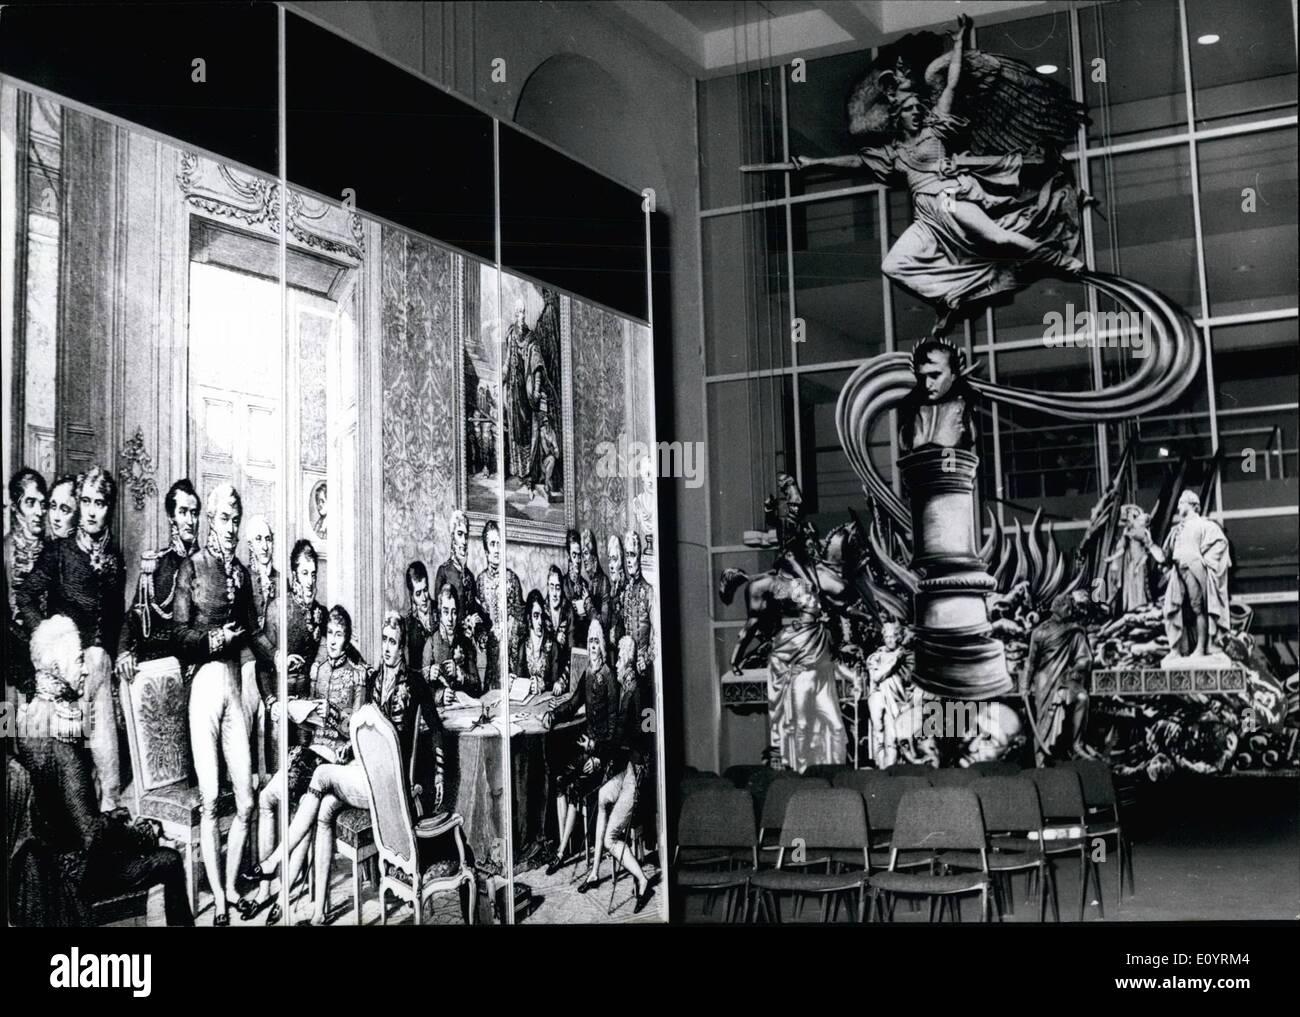 April 1971 - '' 1871 - Fragen zur deutschen Geschichte '' - Ausstellung in  Berlin'': 1871 - Frage an die deutsche Geschichte '' ist